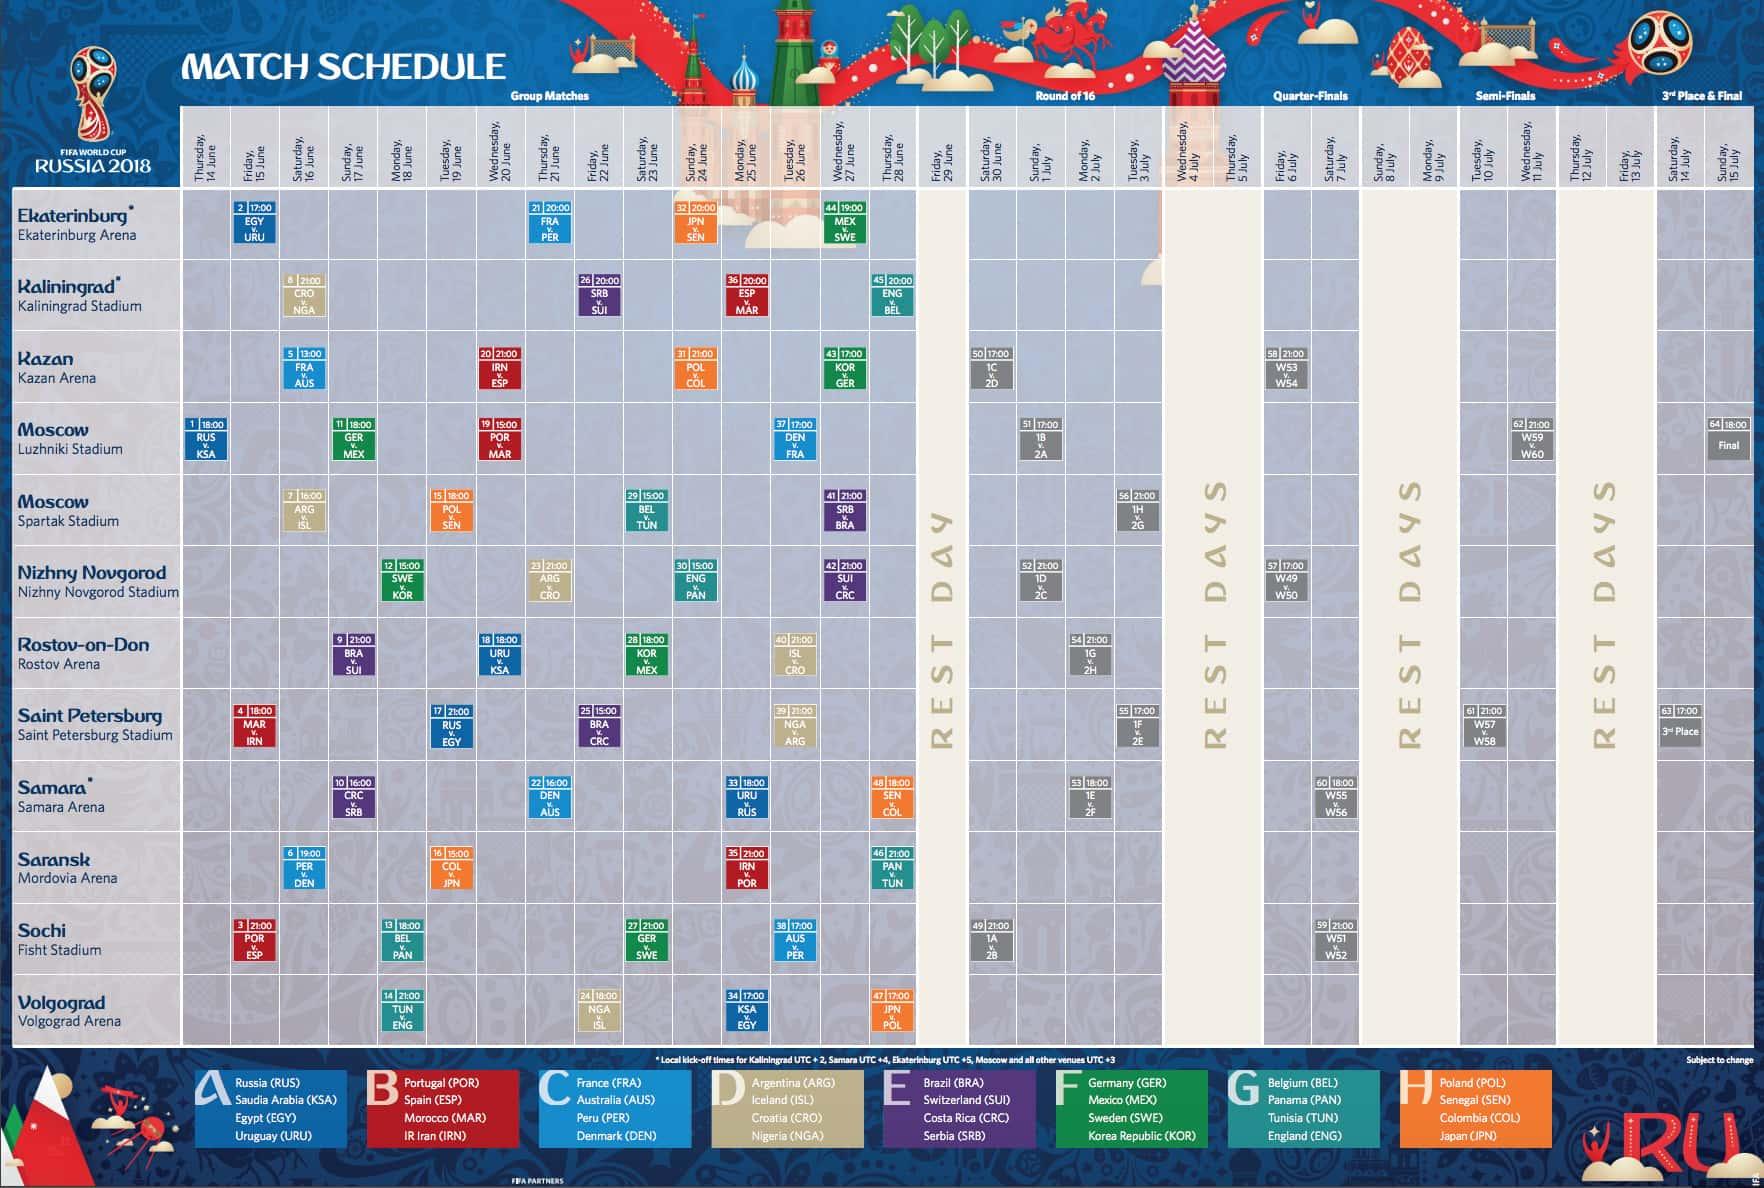 Tabela oficial dos jogos da copa do mundo de 2018, Rússia. Dias de jogos fases de grupos até as finais.